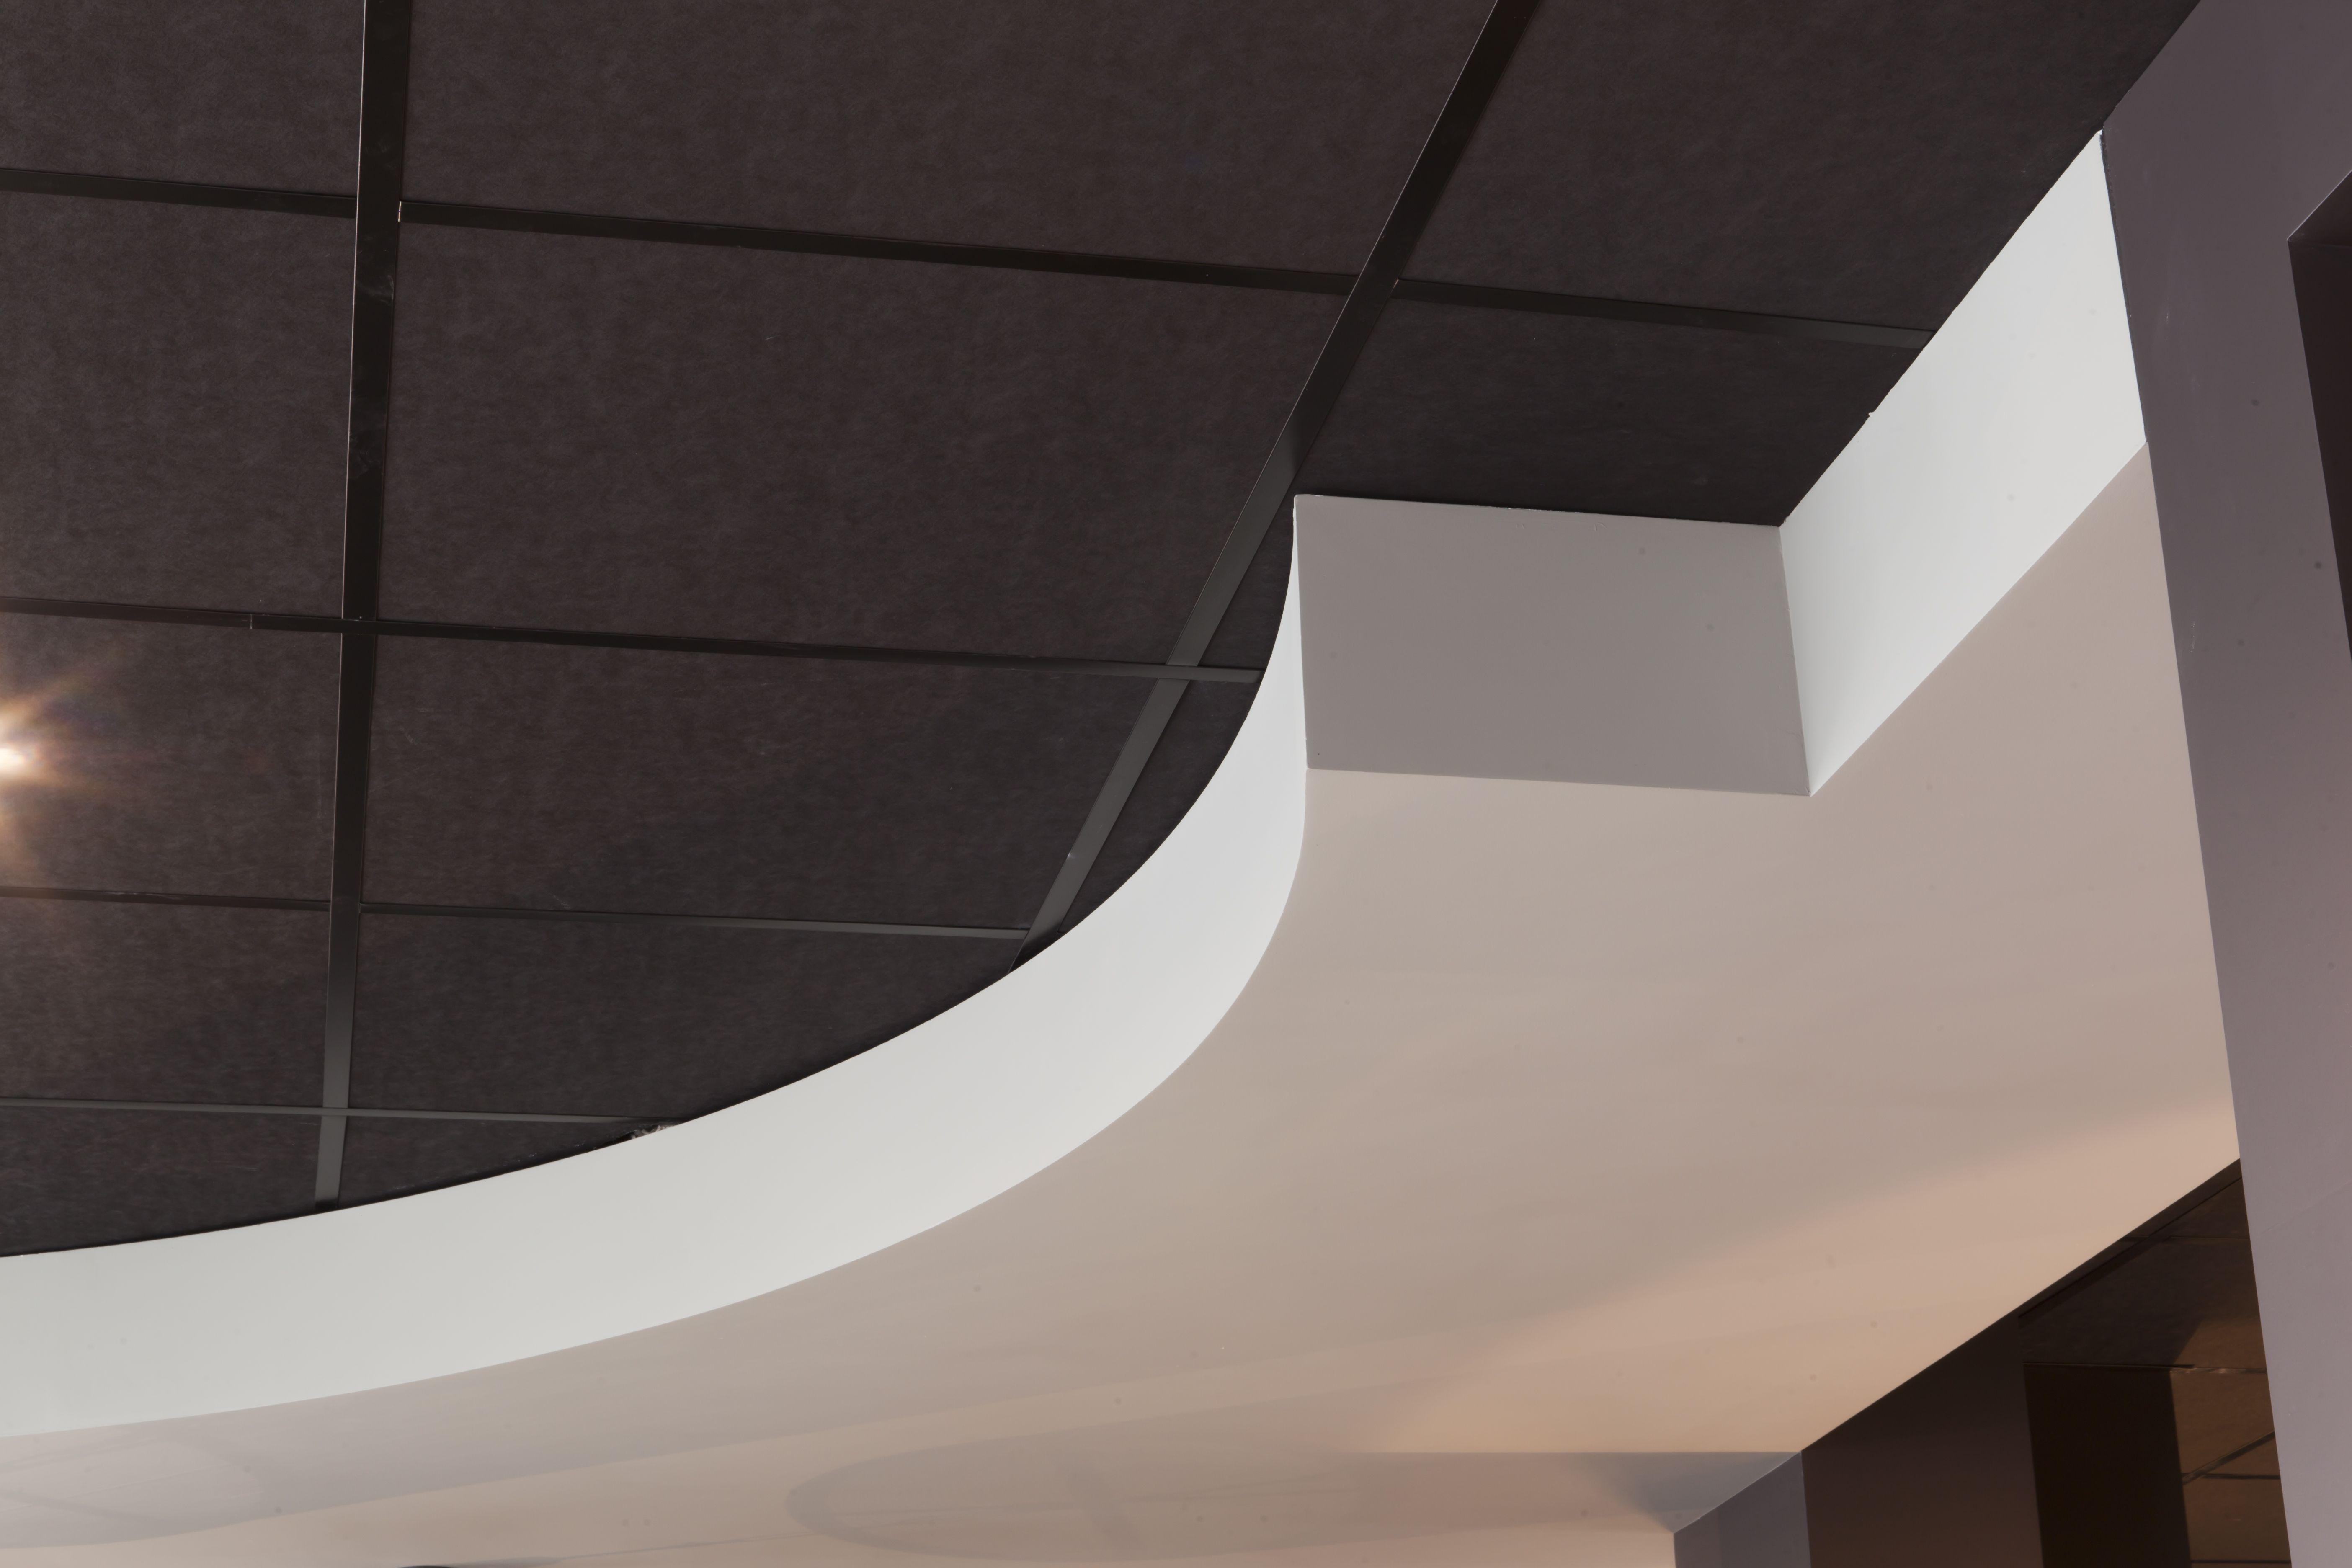 Faux plafond réalisé  par le Staffeur. Aujourd'hui, ces éléments en staff sont visibles dans des décors plus modernes et contemporains. IDKREA les réalise pour vous !